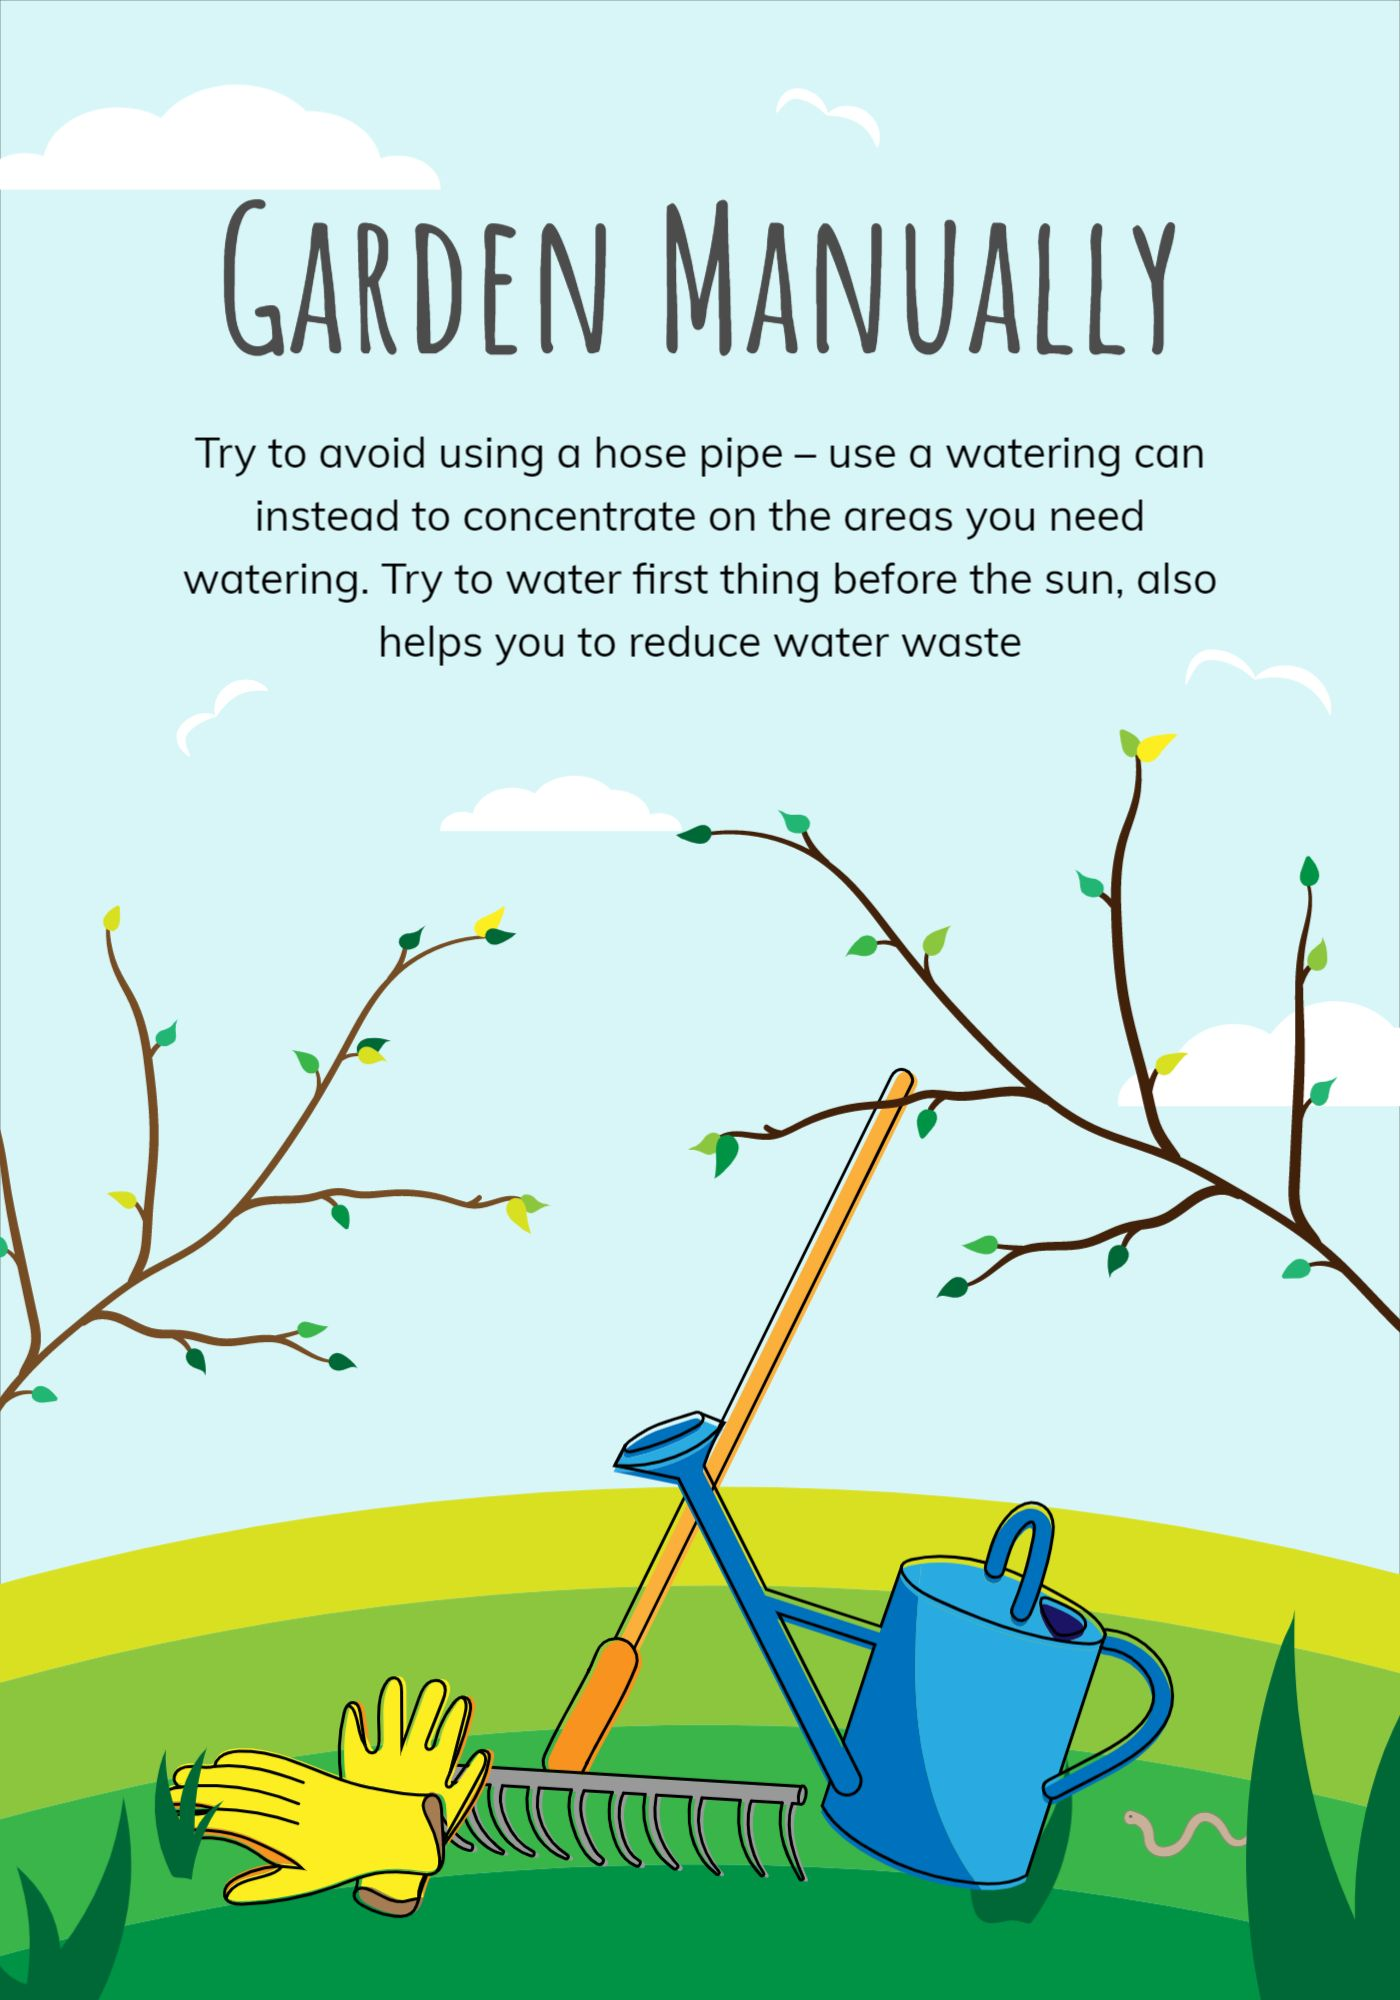 Garden Environment Poster Template